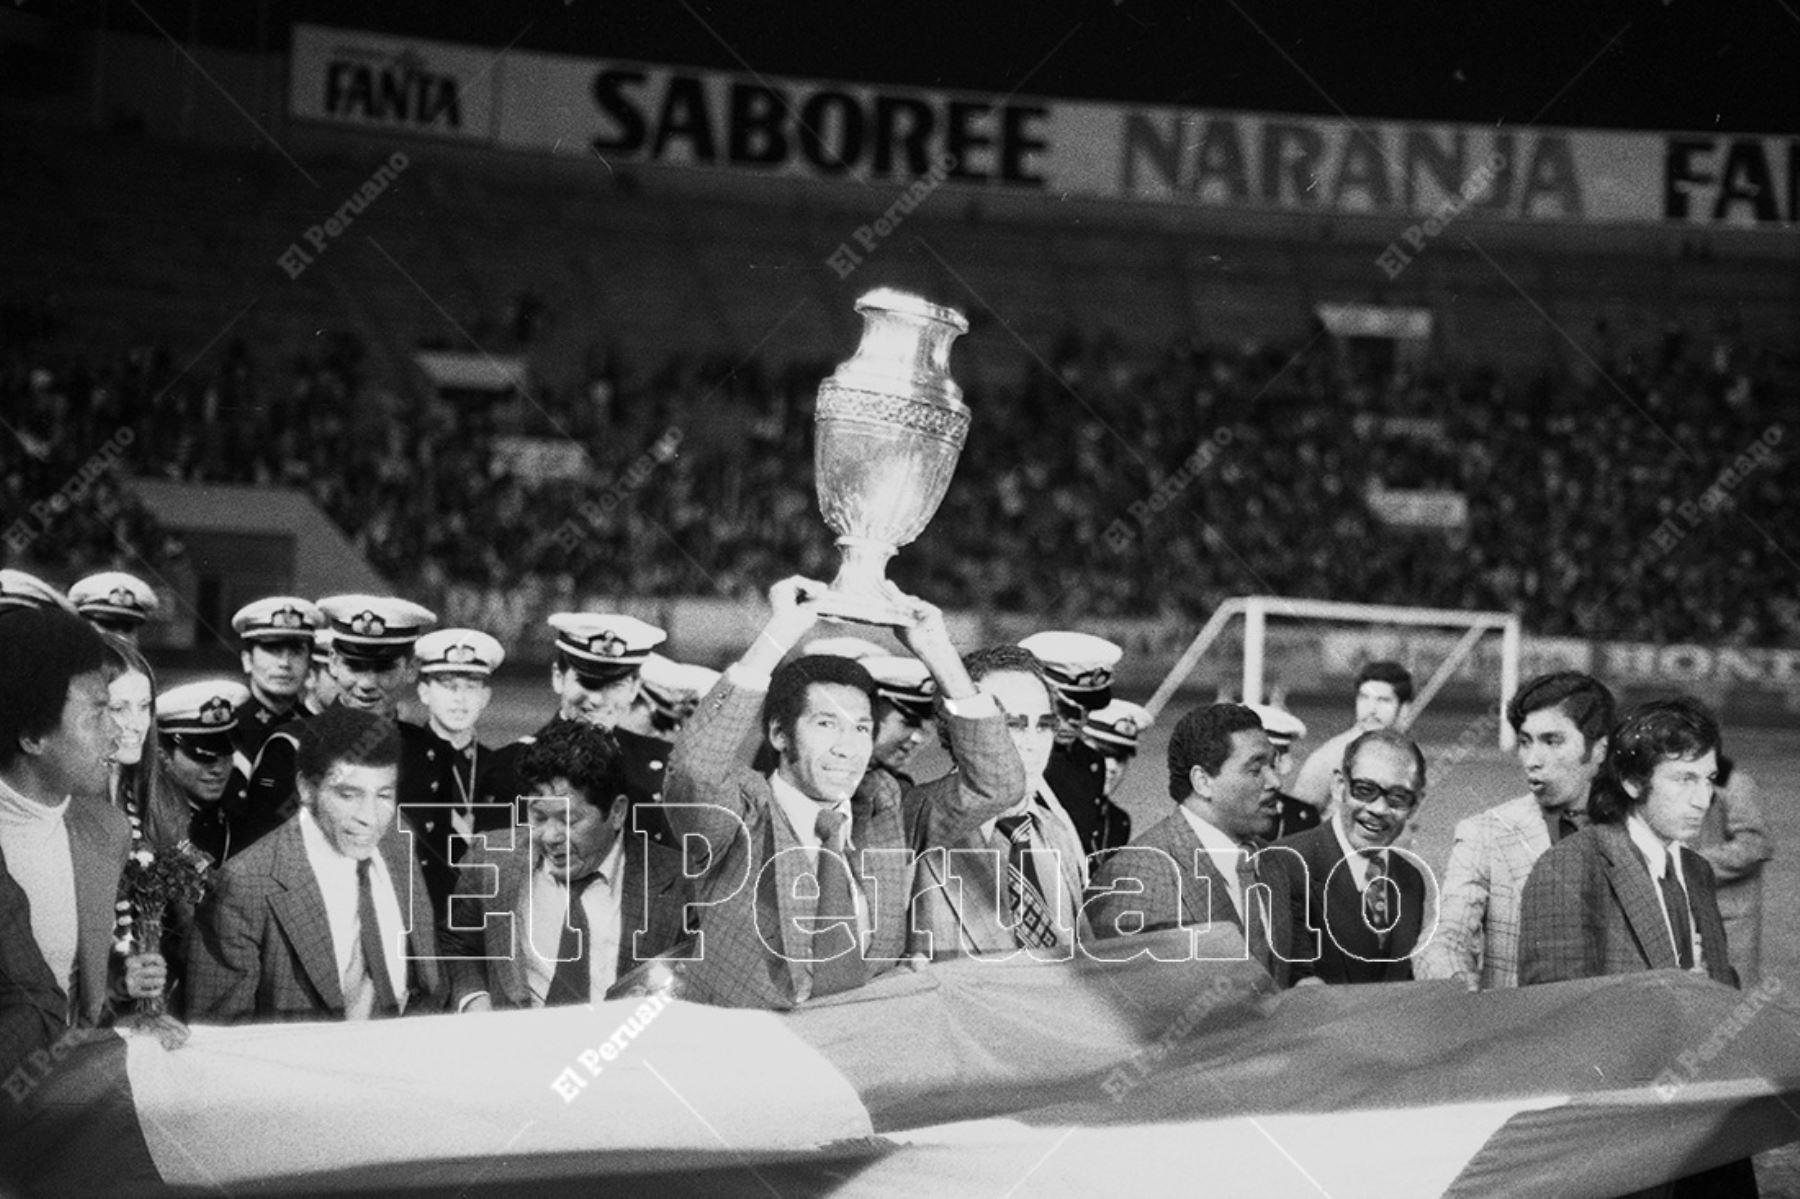 Lima - 30 octubre 1975. Julio Meléndez porta en alto la Copa América durante el multitudinario homenaje que recibió la selección peruana de fútbol en el Estadio Nacional tras obtener el título de campeón sudamericano de fútbol. Foto Archivo Histórico de El Peruano / Humberto Romaní